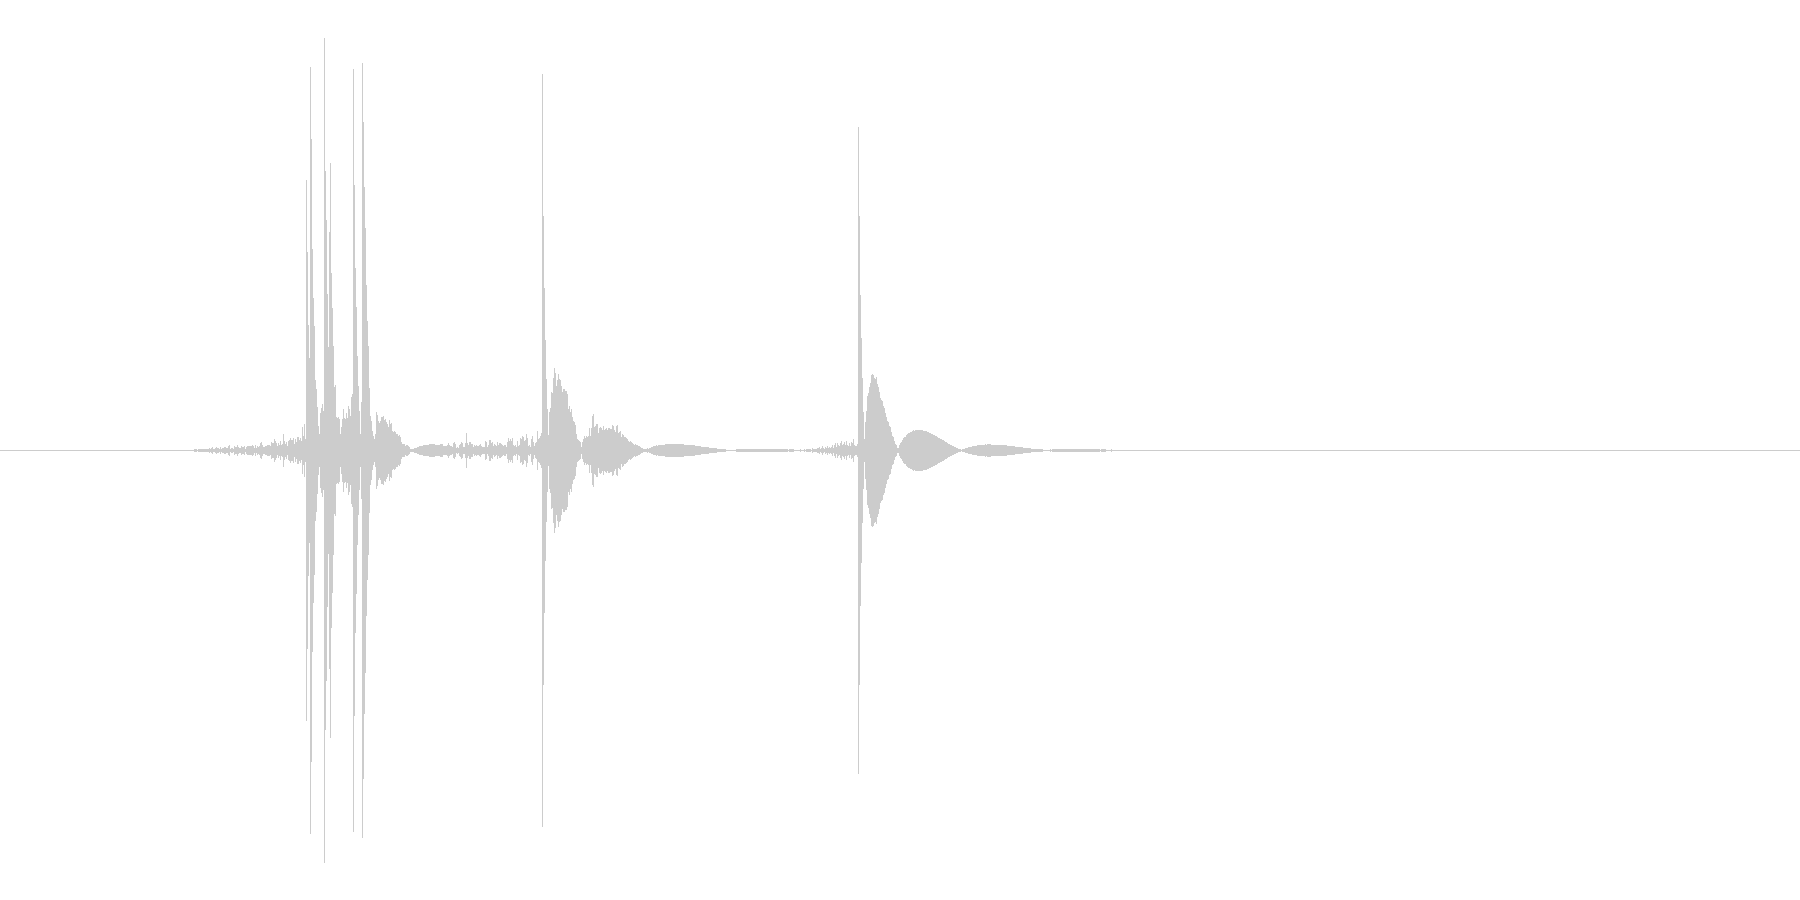 ゲーム(ファミコン風)ヒット音_027の未再生の波形